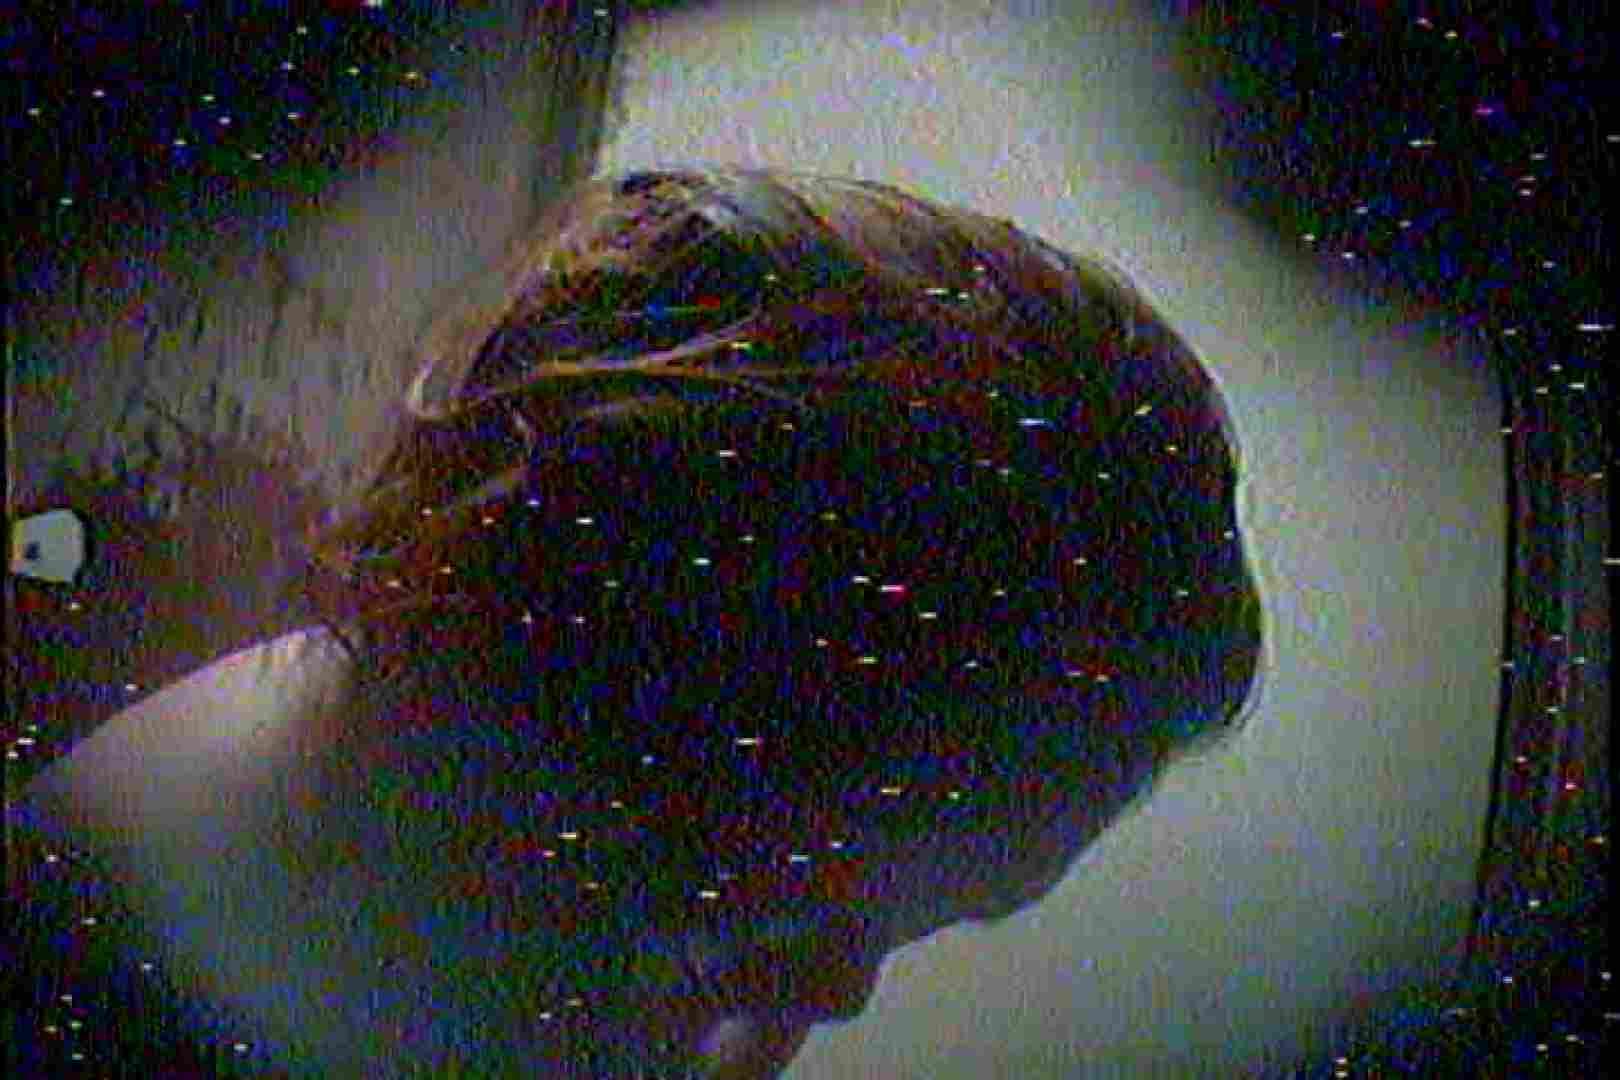 海の家の更衣室 Vol.21 美女のボディ エロ画像 99PIX 77